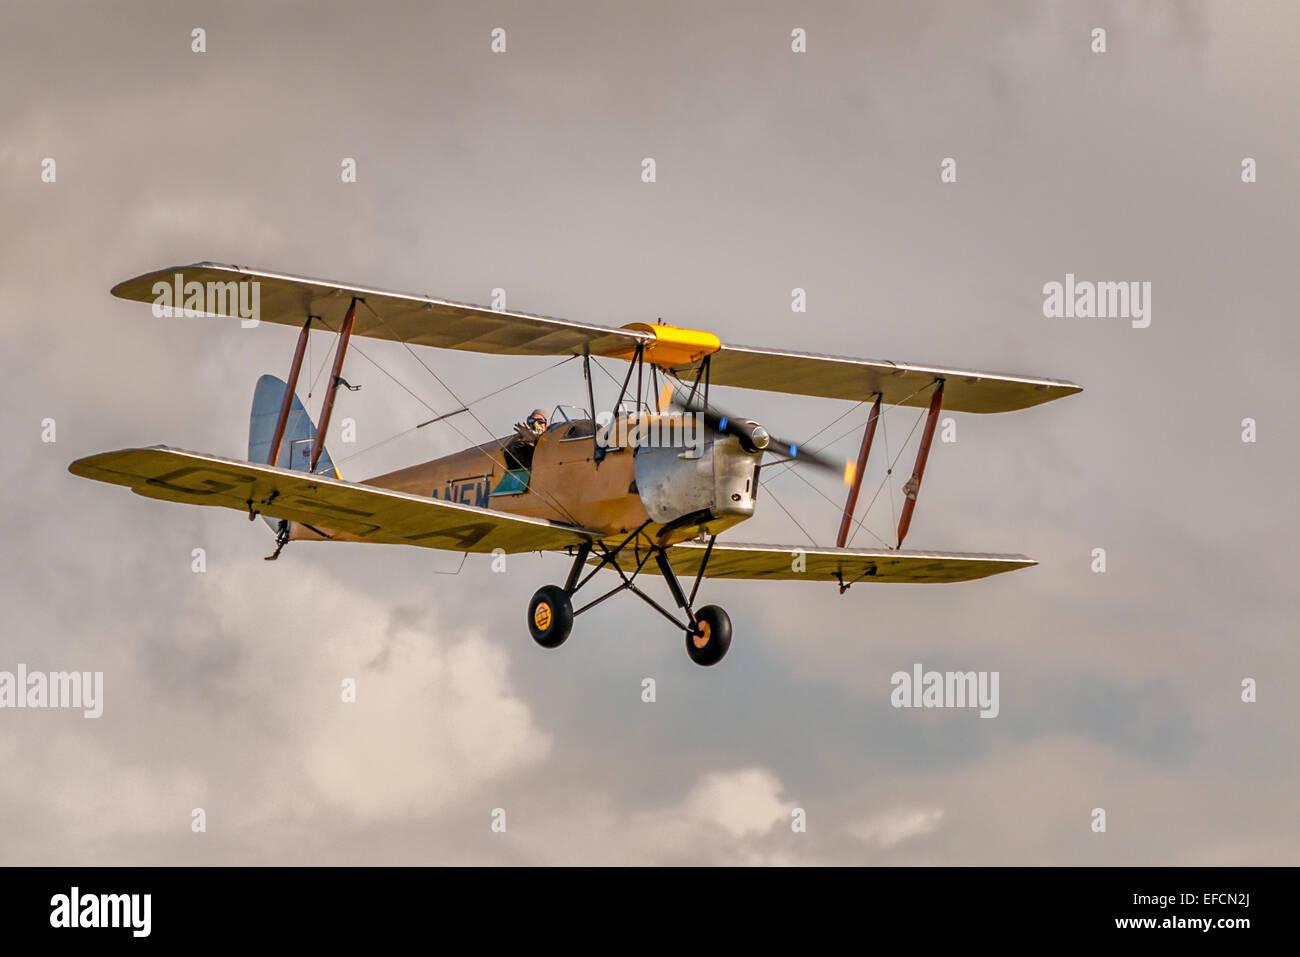 De Havilland tiger moth, 1930s biplano a airshow kemble Immagini Stock